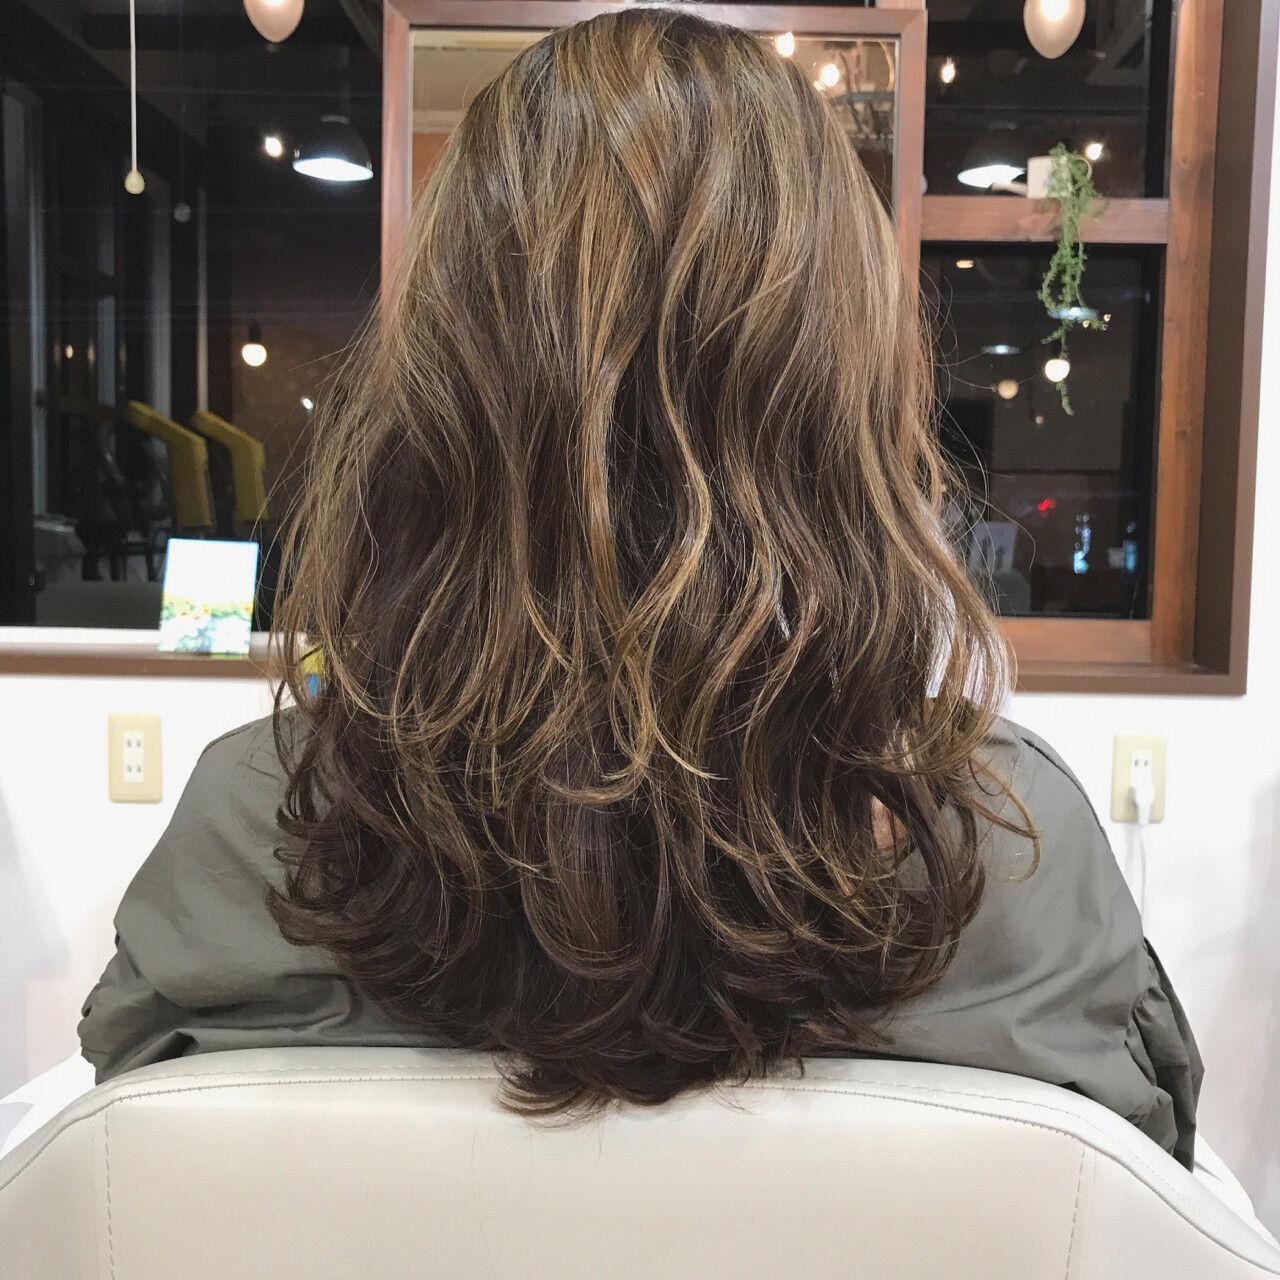 イルミナカラー ナチュラル アッシュグレージュ ハイライトヘアスタイルや髪型の写真・画像